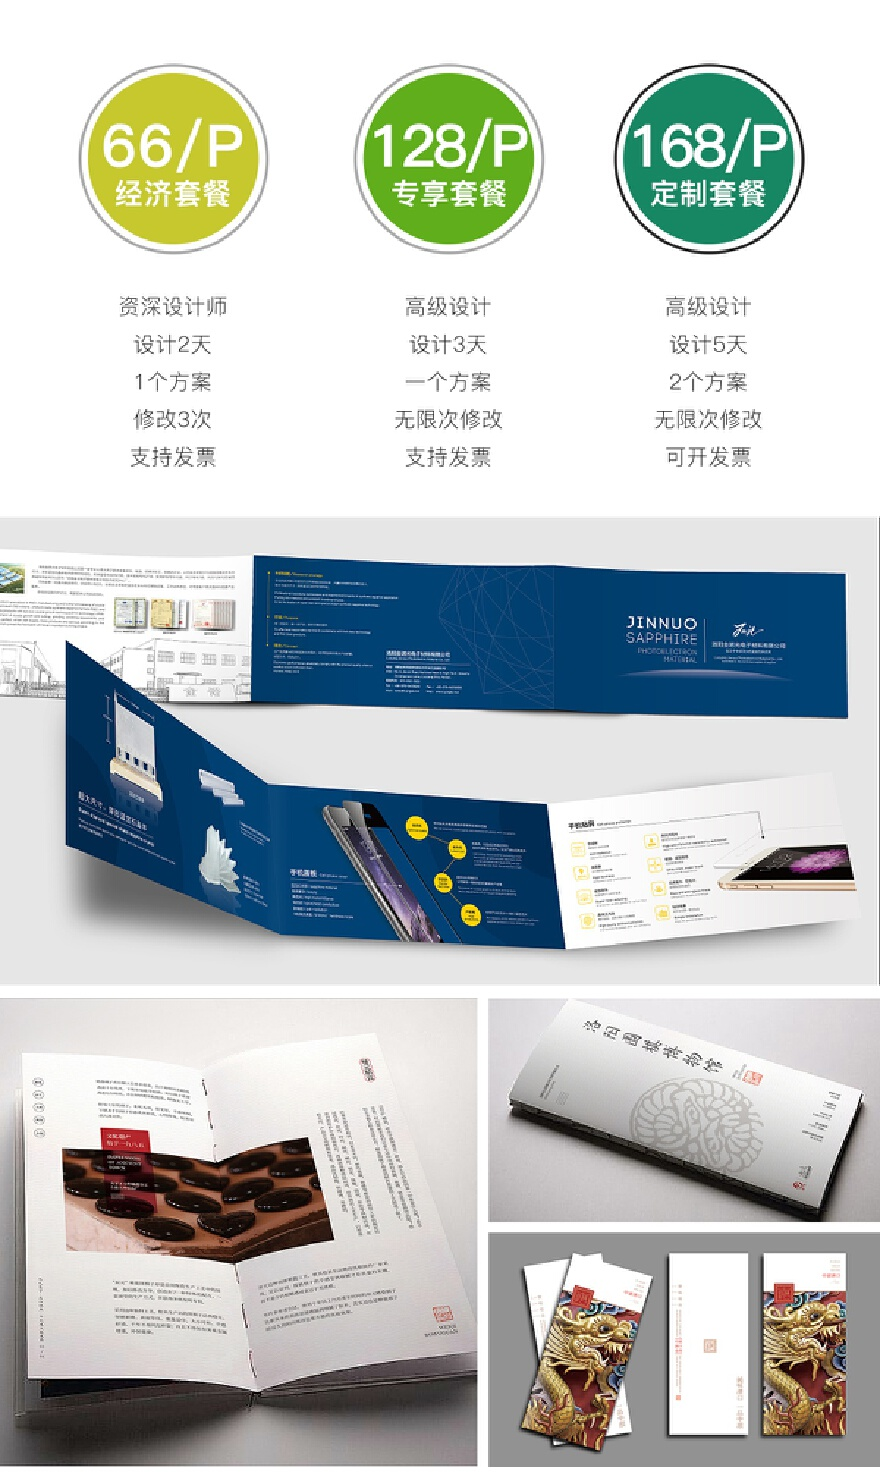 企业/品牌宣传册三折页、海报设计